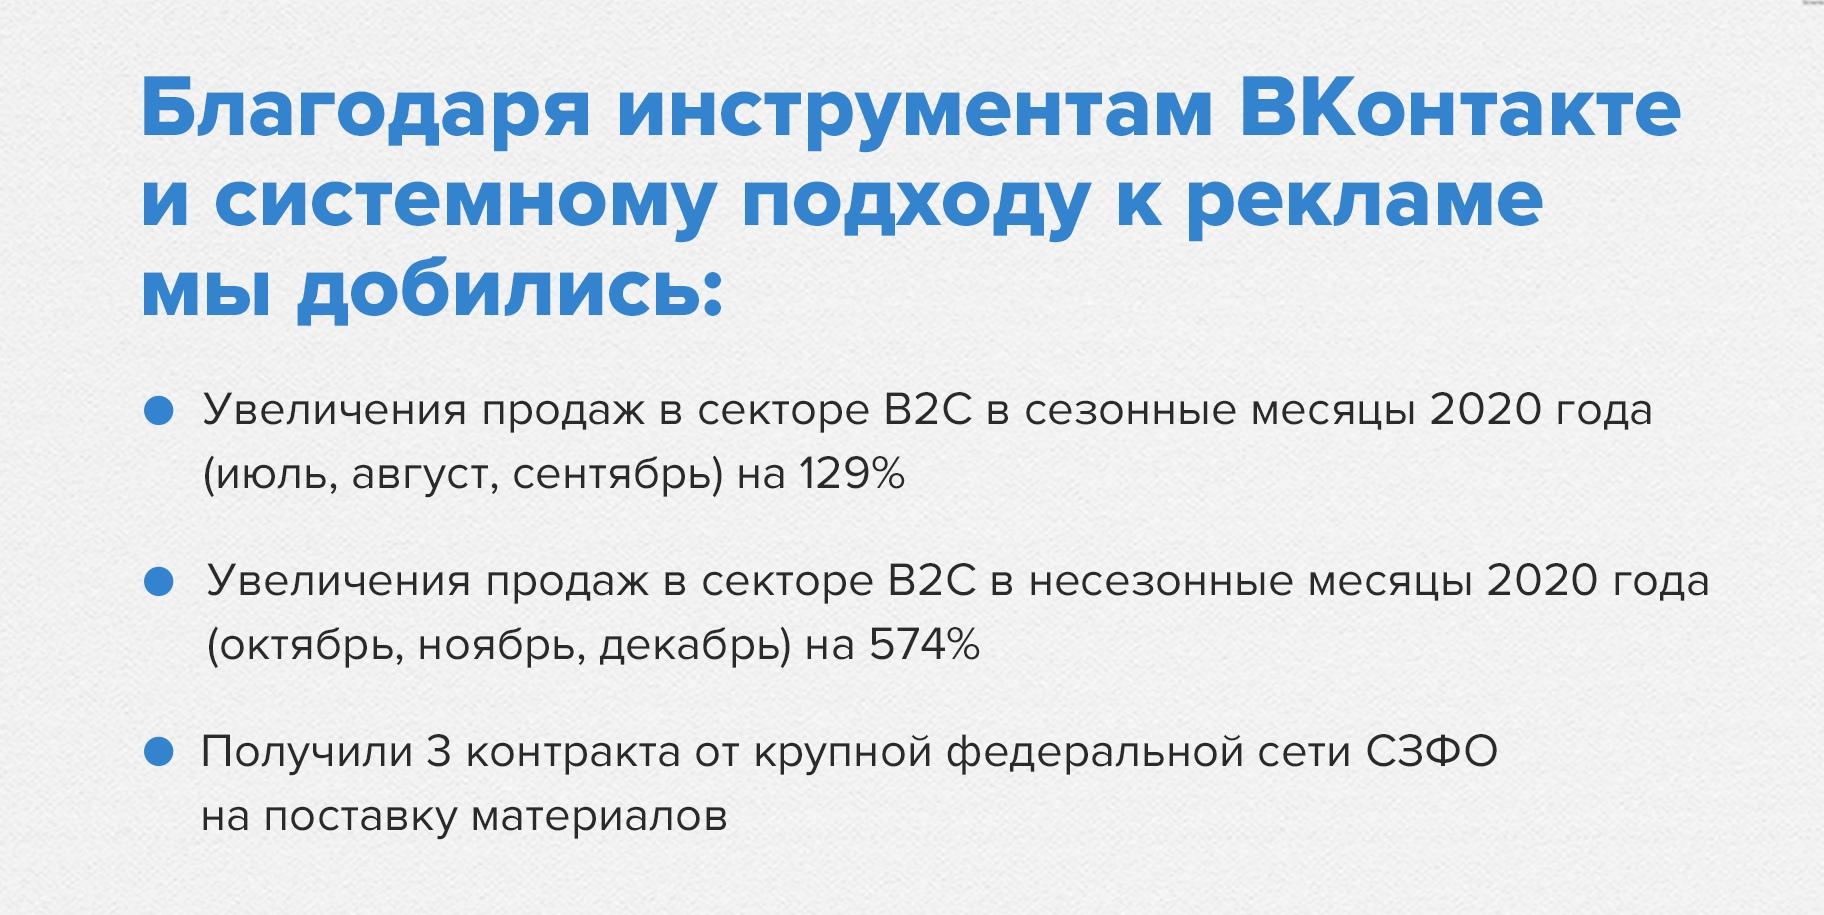 5 инструментов ВКонтакте, которые помогли увеличить продажи пиломатериалов, изображение №19